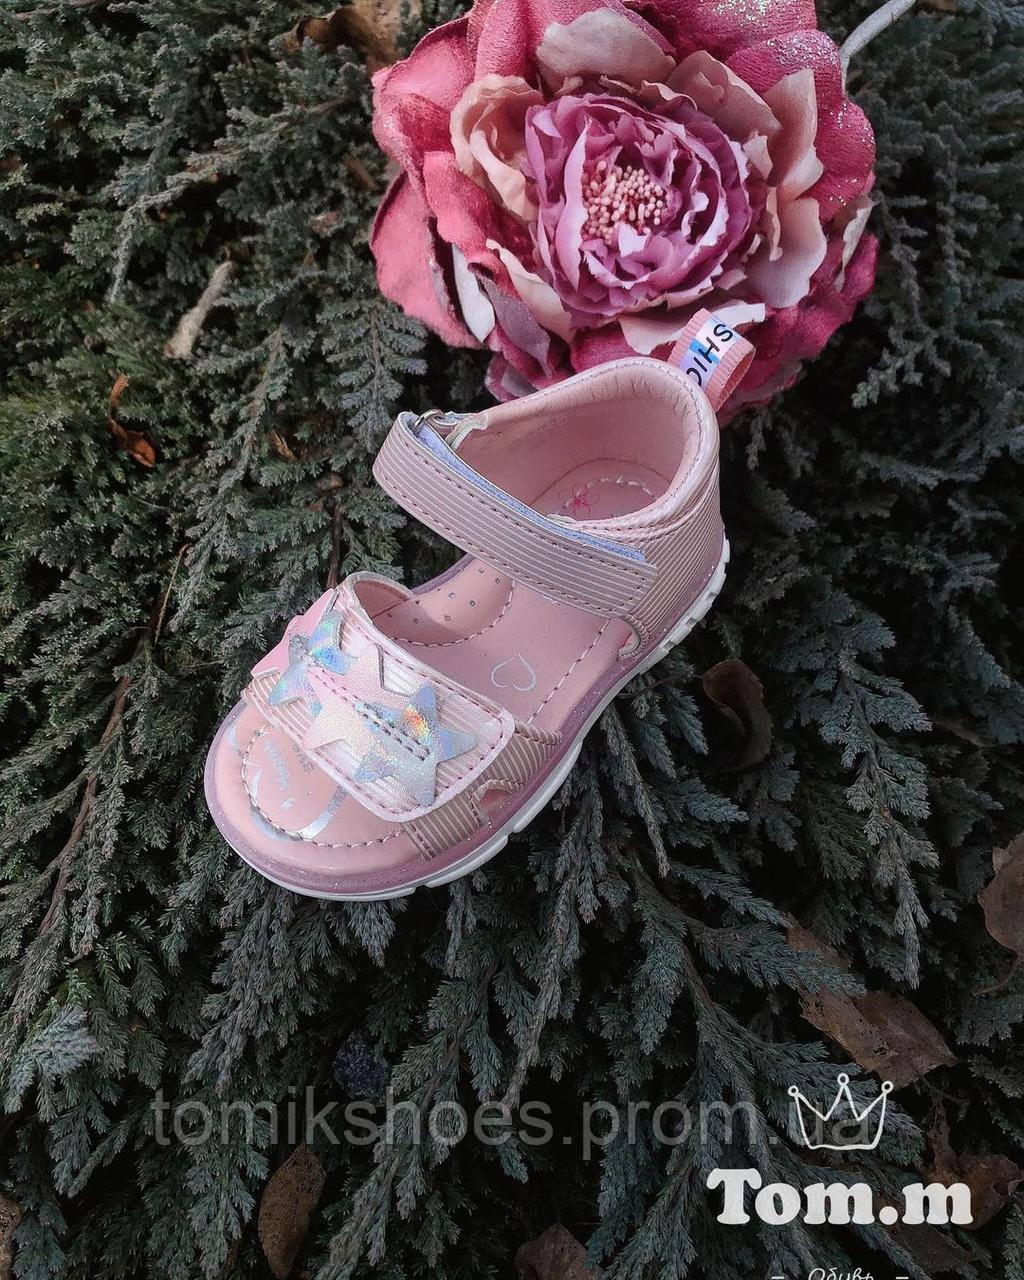 Кожаные  босоножки для девочки Tom.m 9223B, 20-25 размеры.